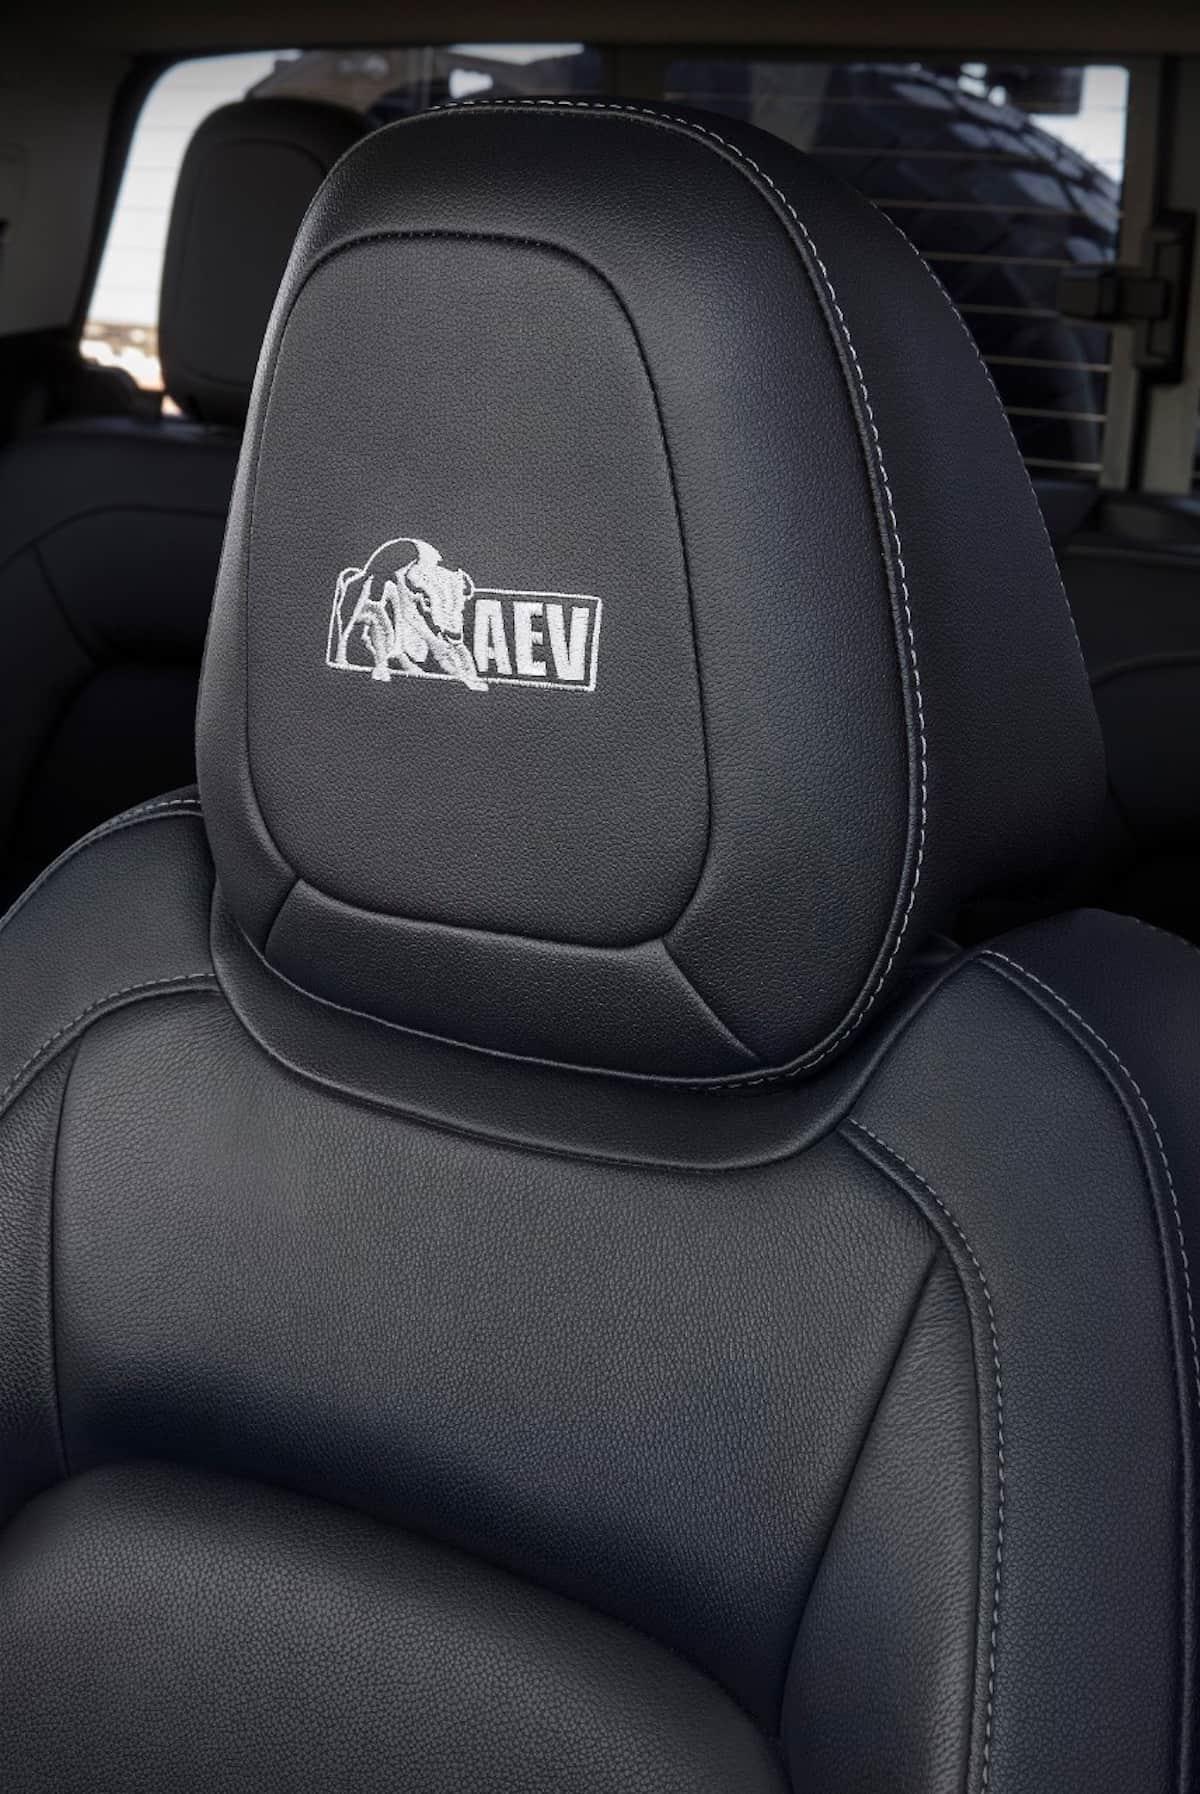 Colorado ZR2 AEV Concept sema 2017 seats